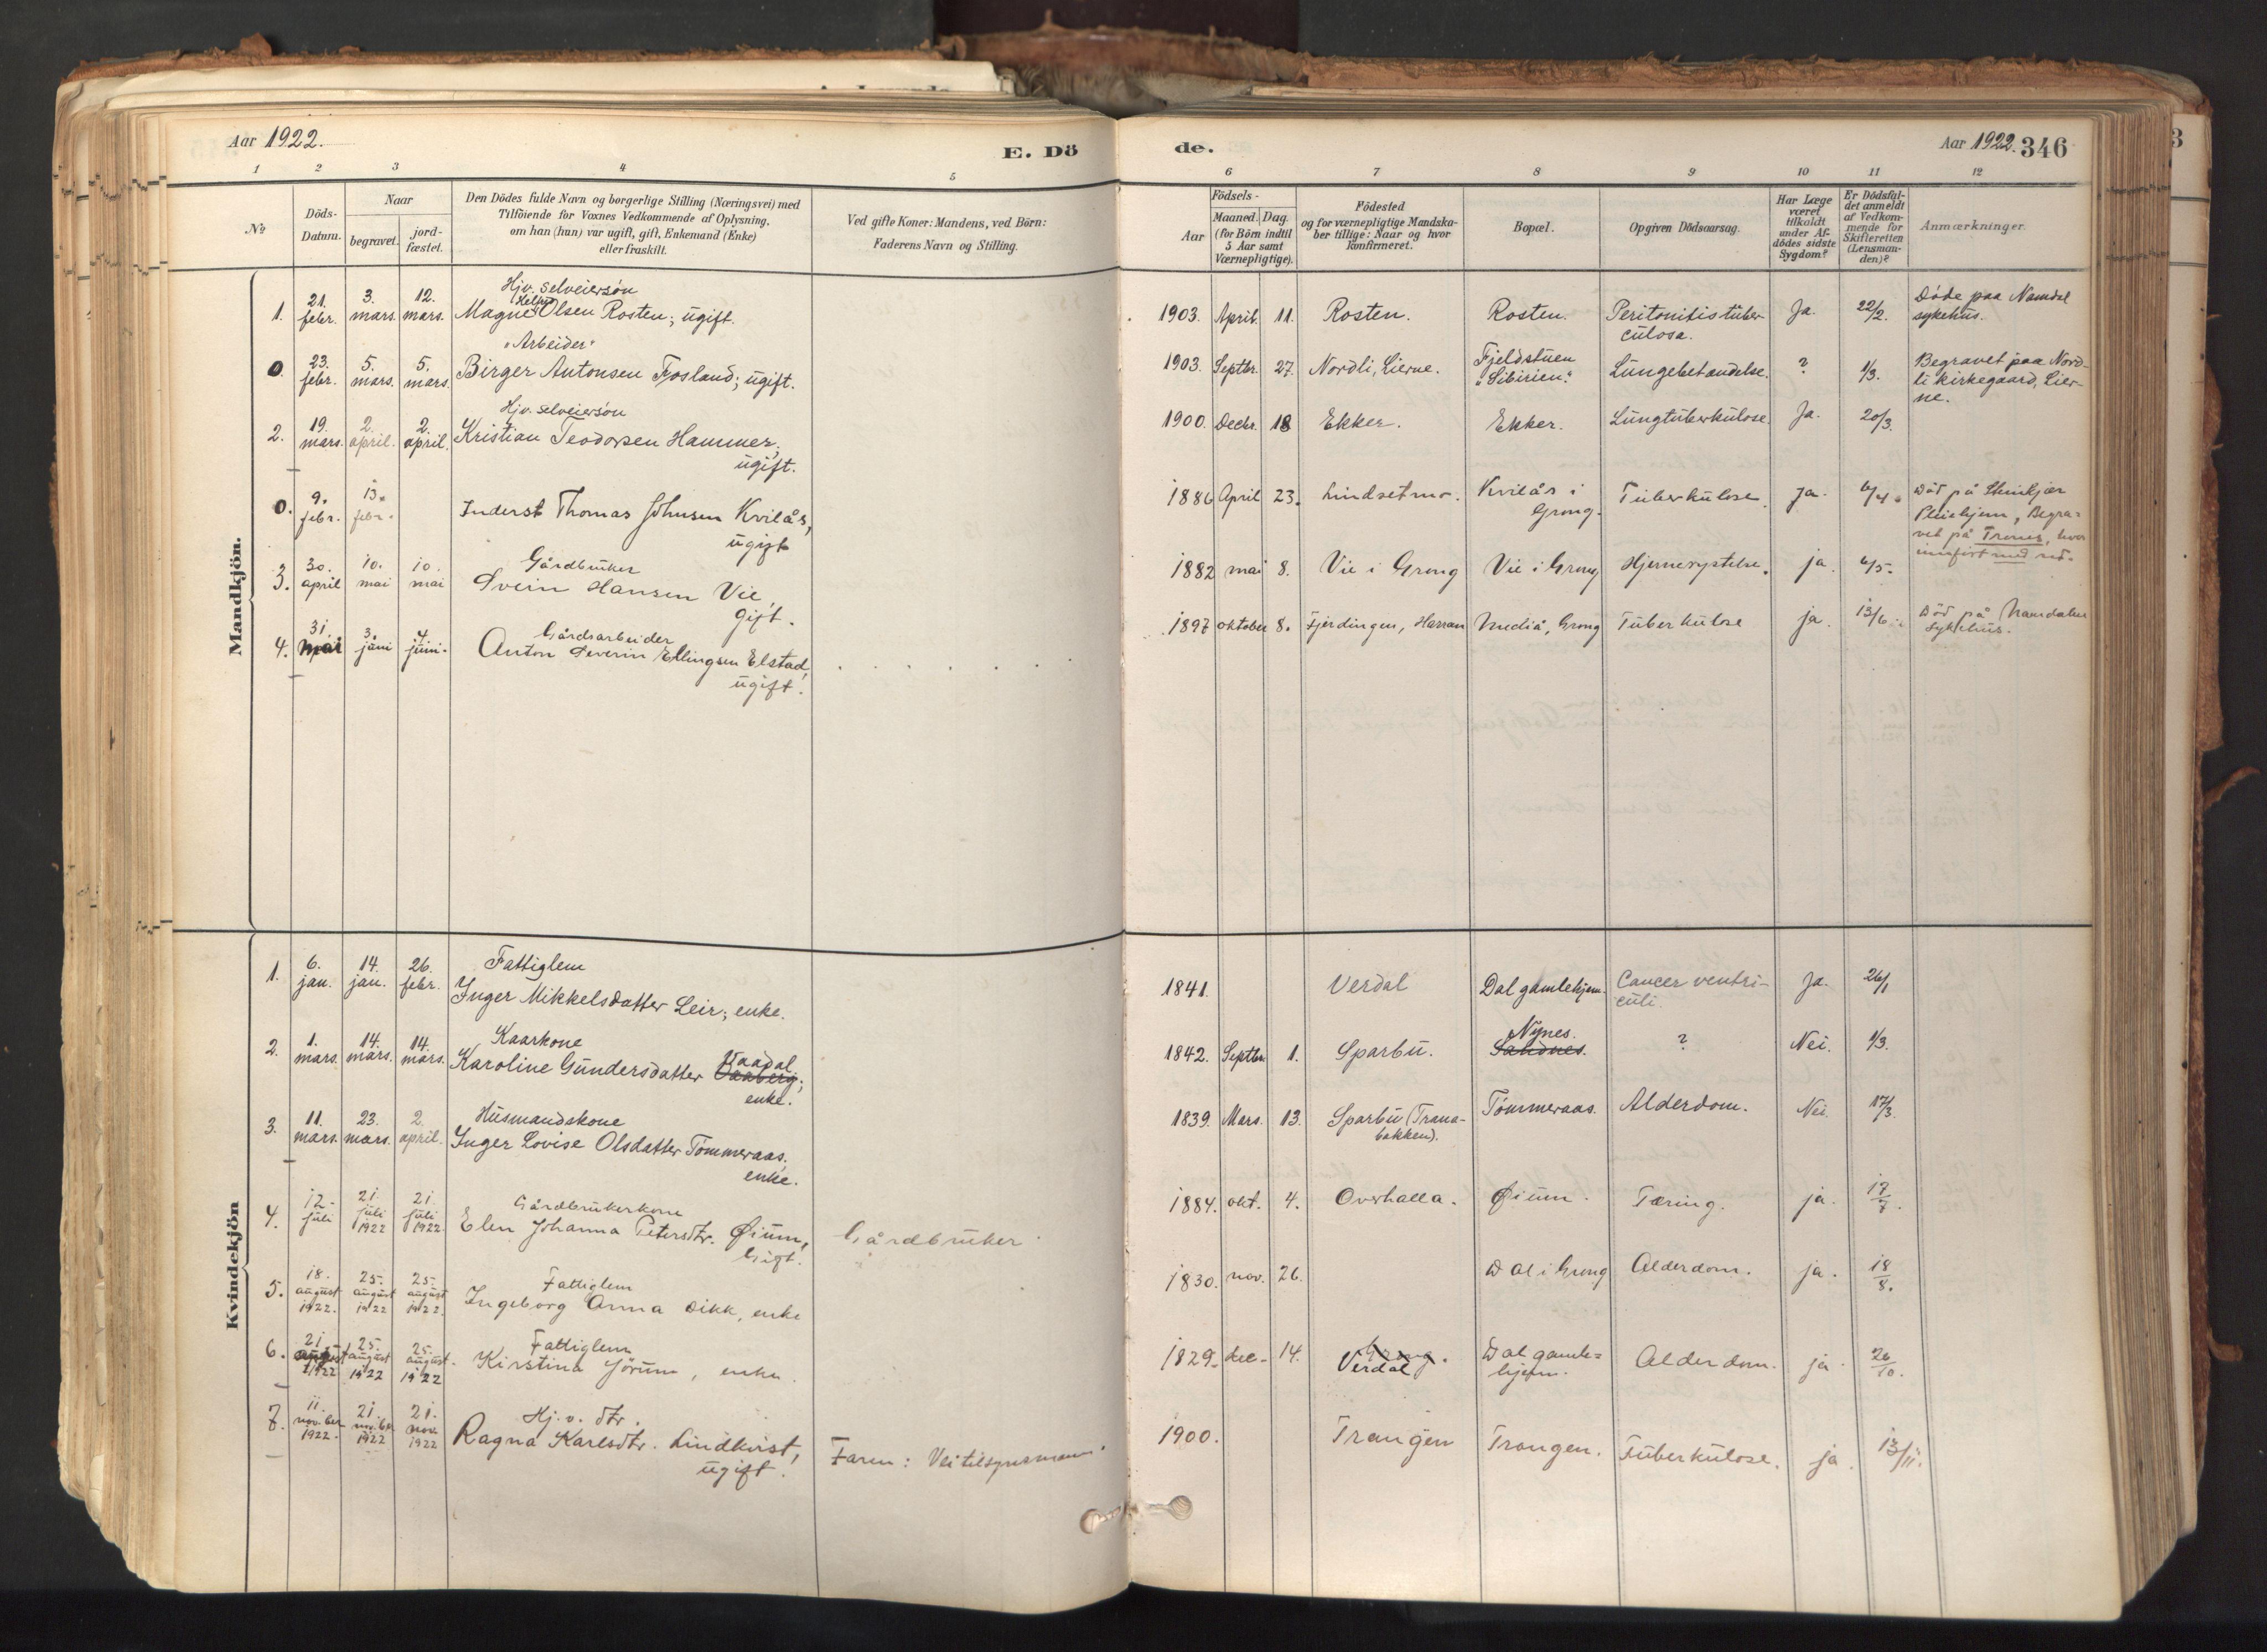 SAT, Ministerialprotokoller, klokkerbøker og fødselsregistre - Nord-Trøndelag, 758/L0519: Ministerialbok nr. 758A04, 1880-1926, s. 346